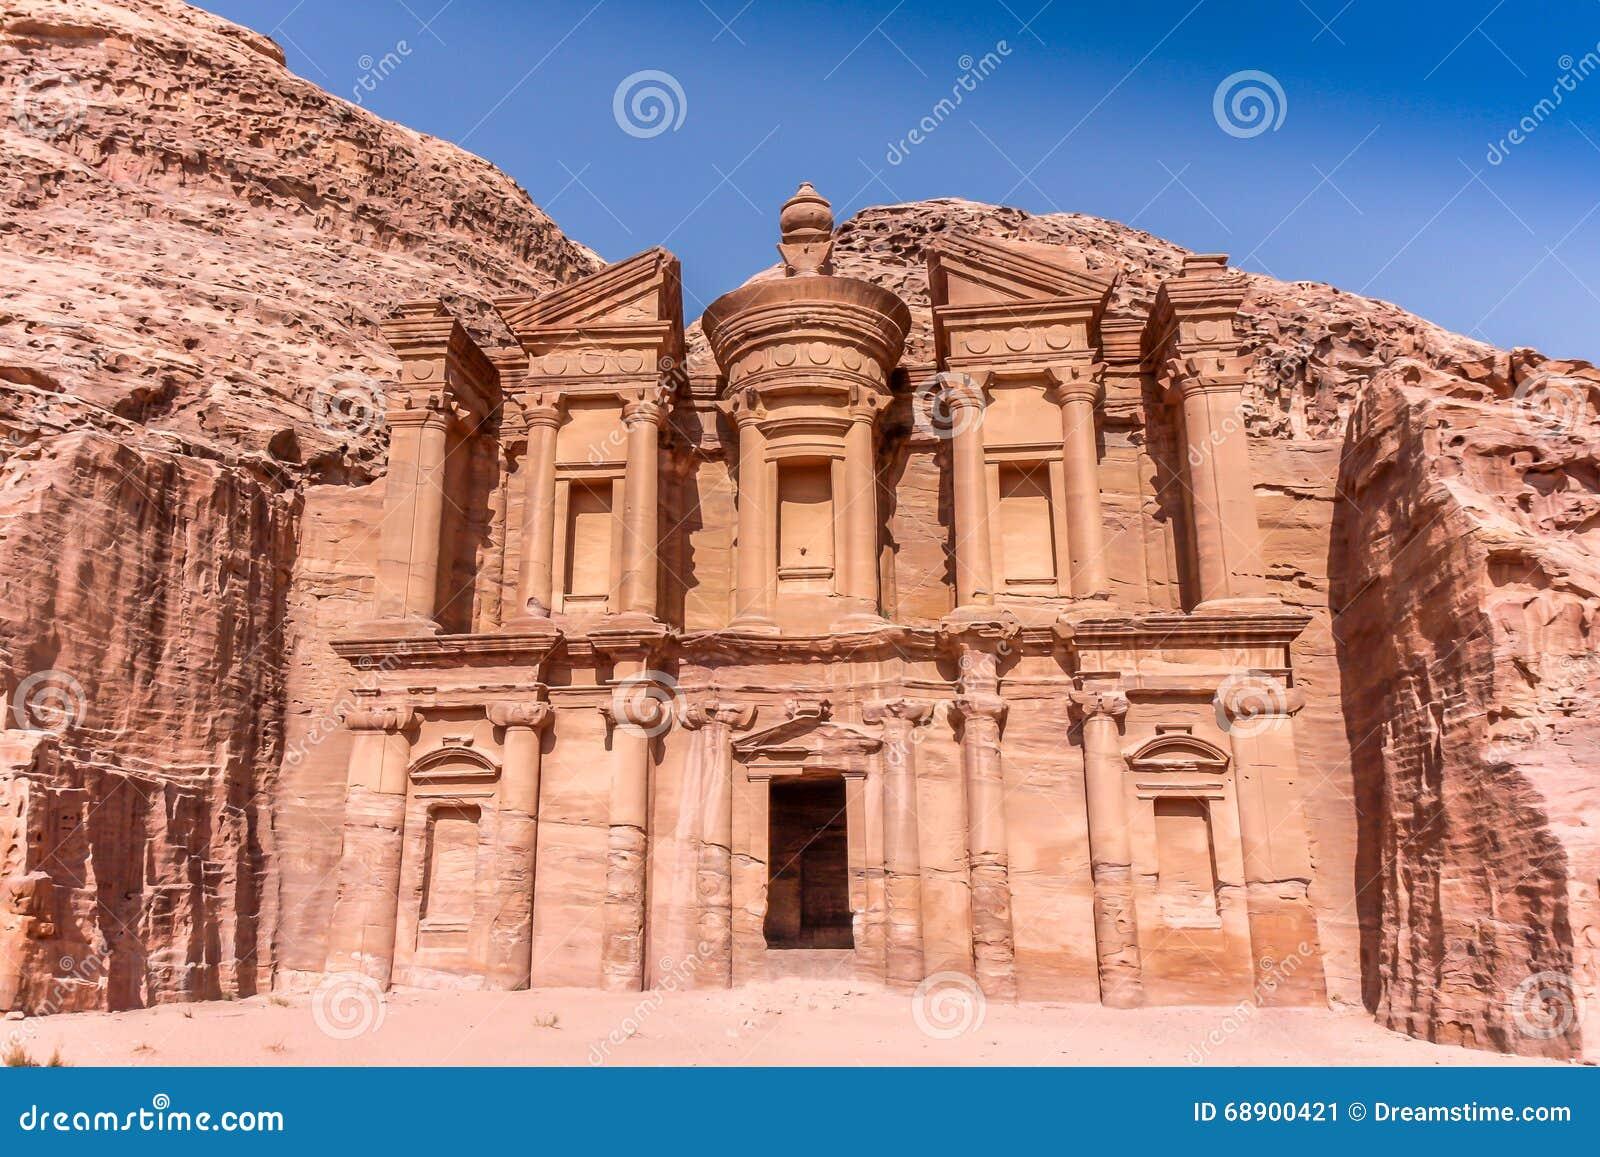 Petra Jordan Temple